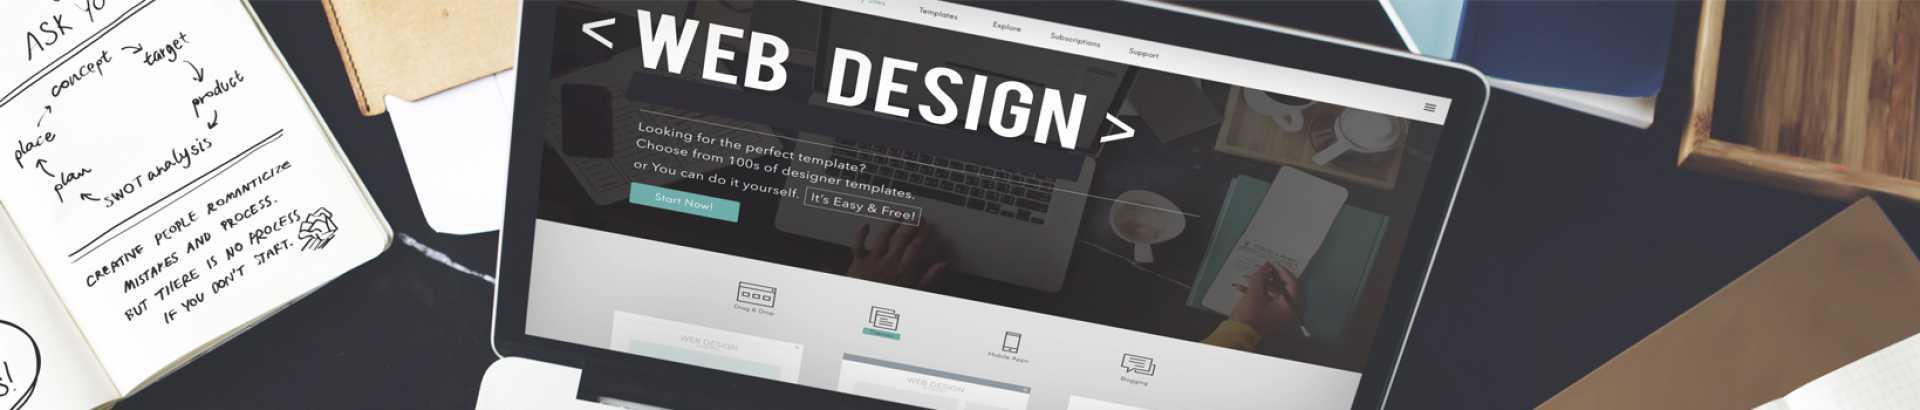 Kaliteli web tasarım yaptırmak için AVMEK tercihiniz olsun.